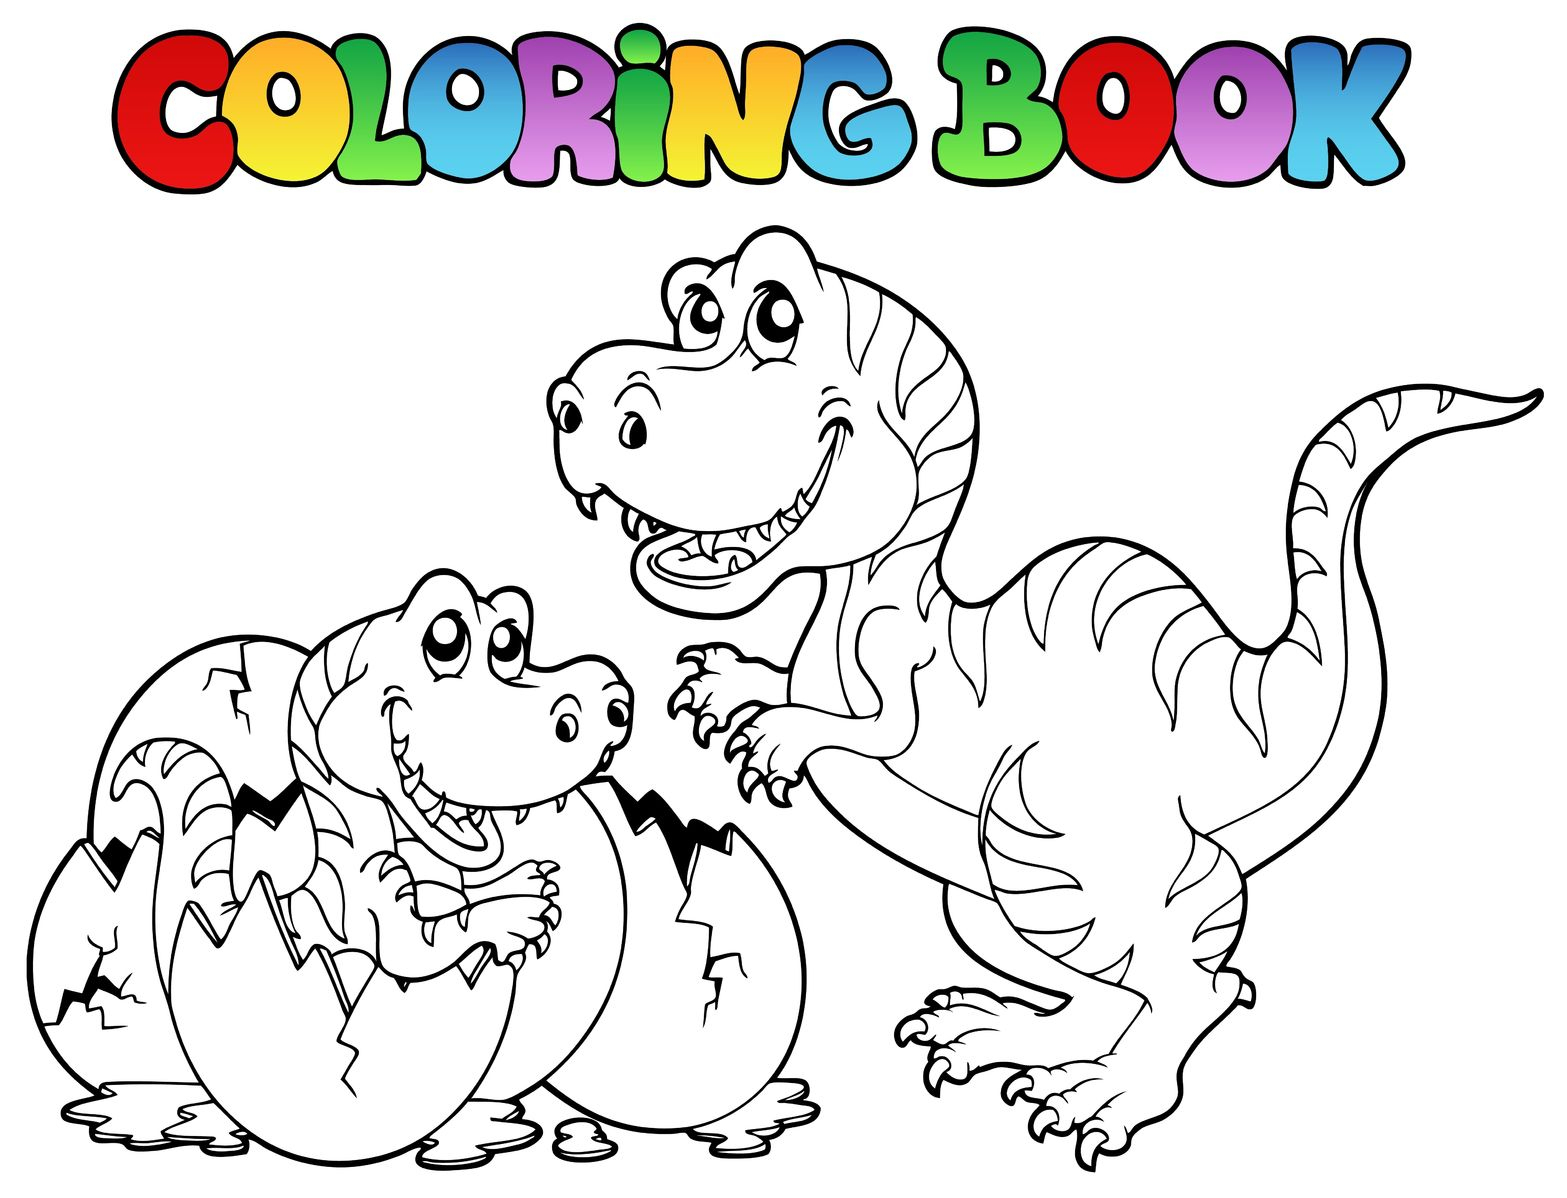 Coloriage Gratuit - Dino-Shop à Coloriage Pour Enfant Gratuit